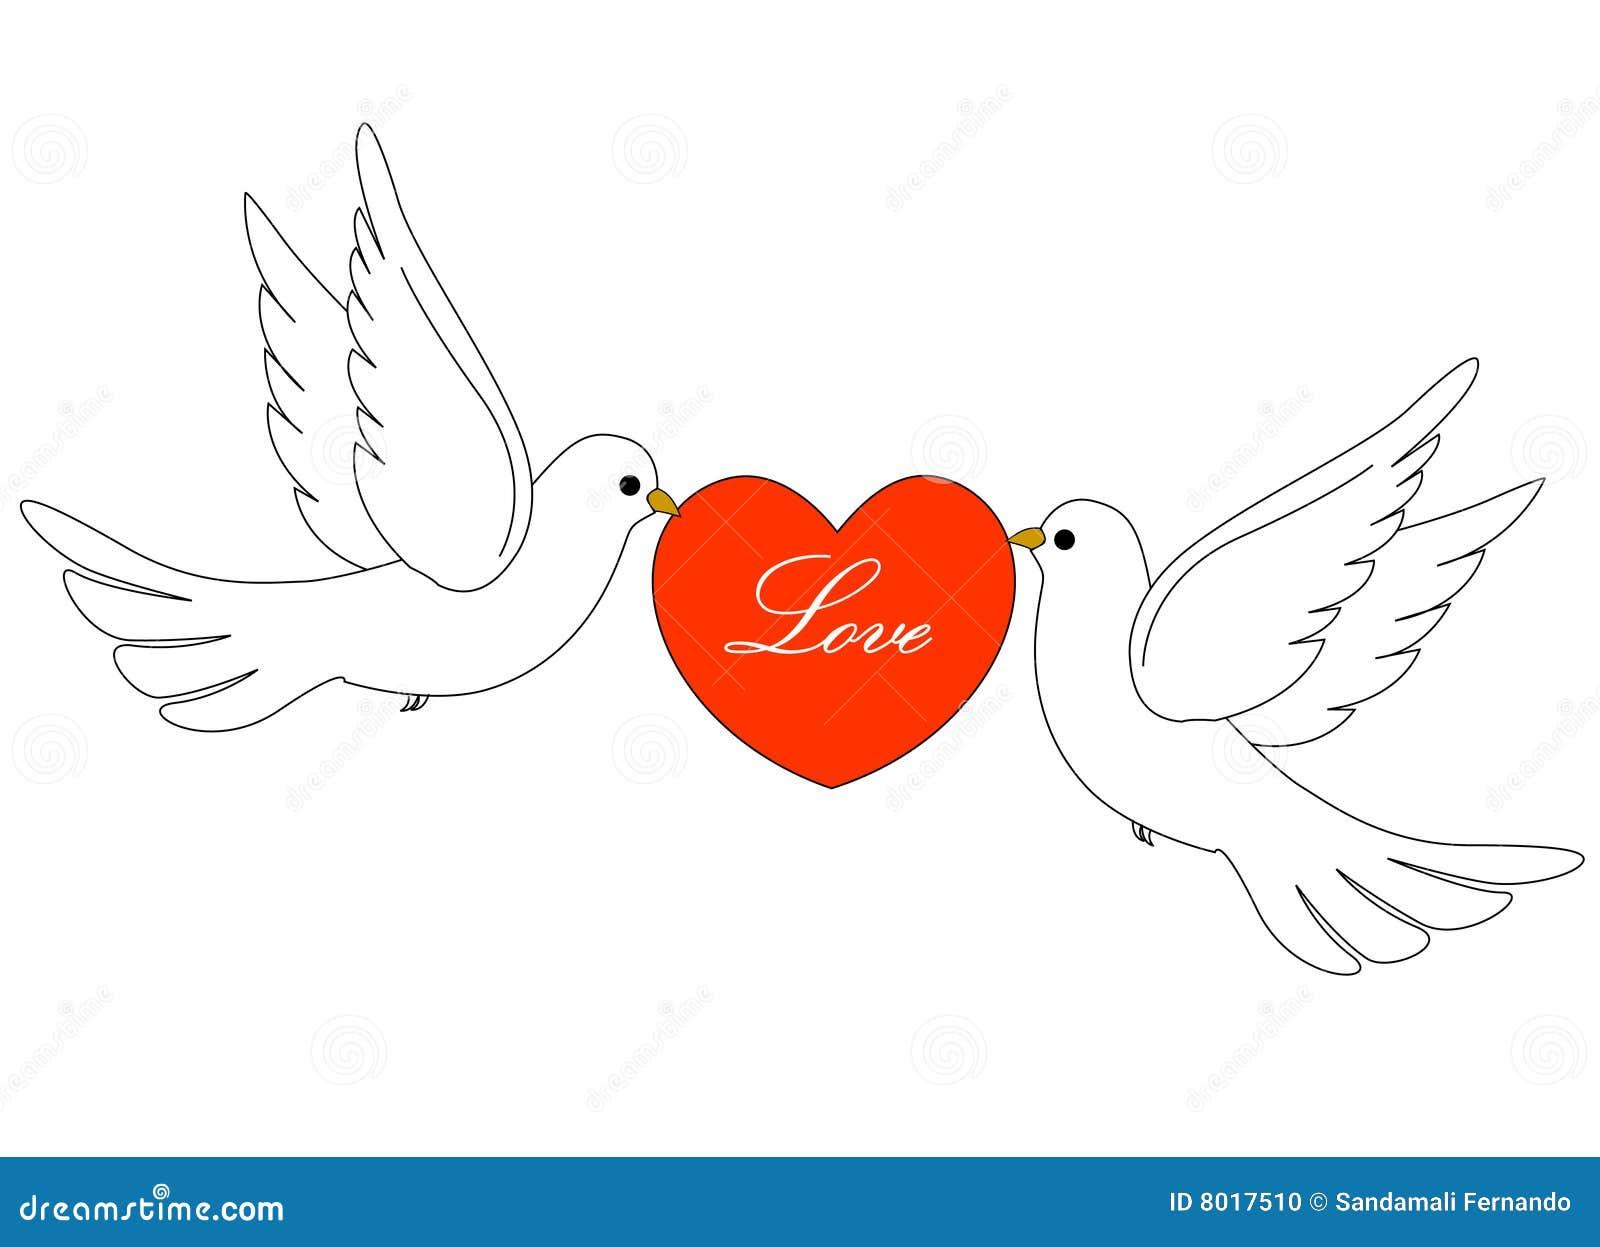 Palomas blancas para bodas - Imagui